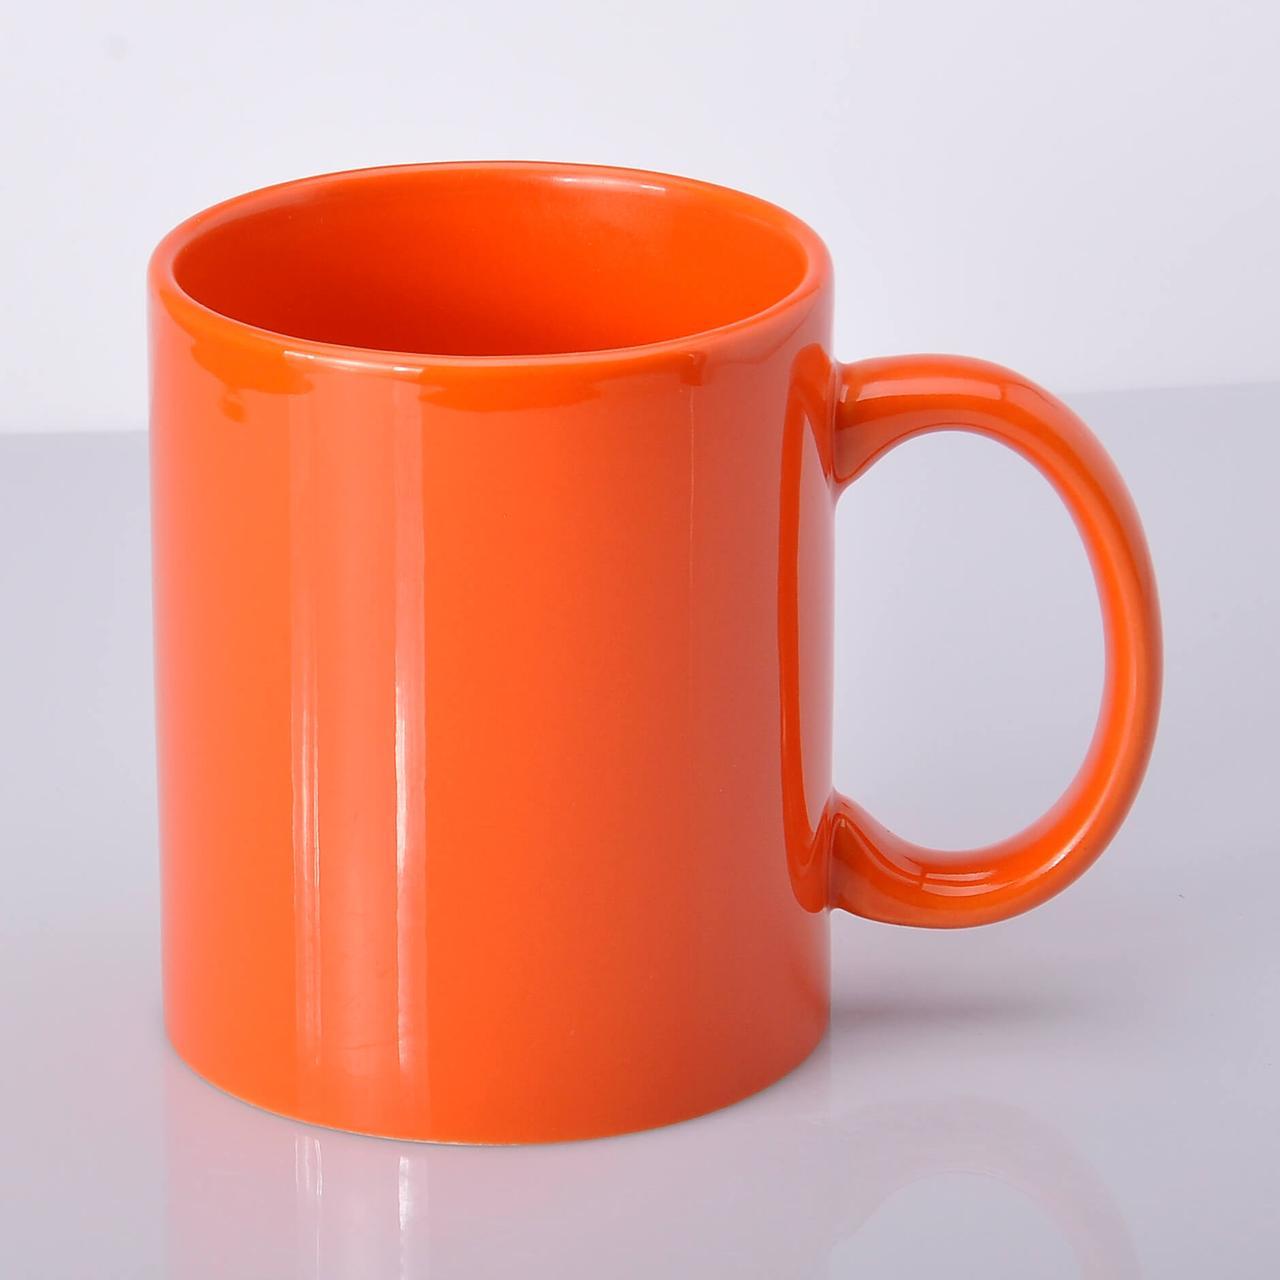 Чашка для сублимации цветная FullColor 330 мл Оранжевая